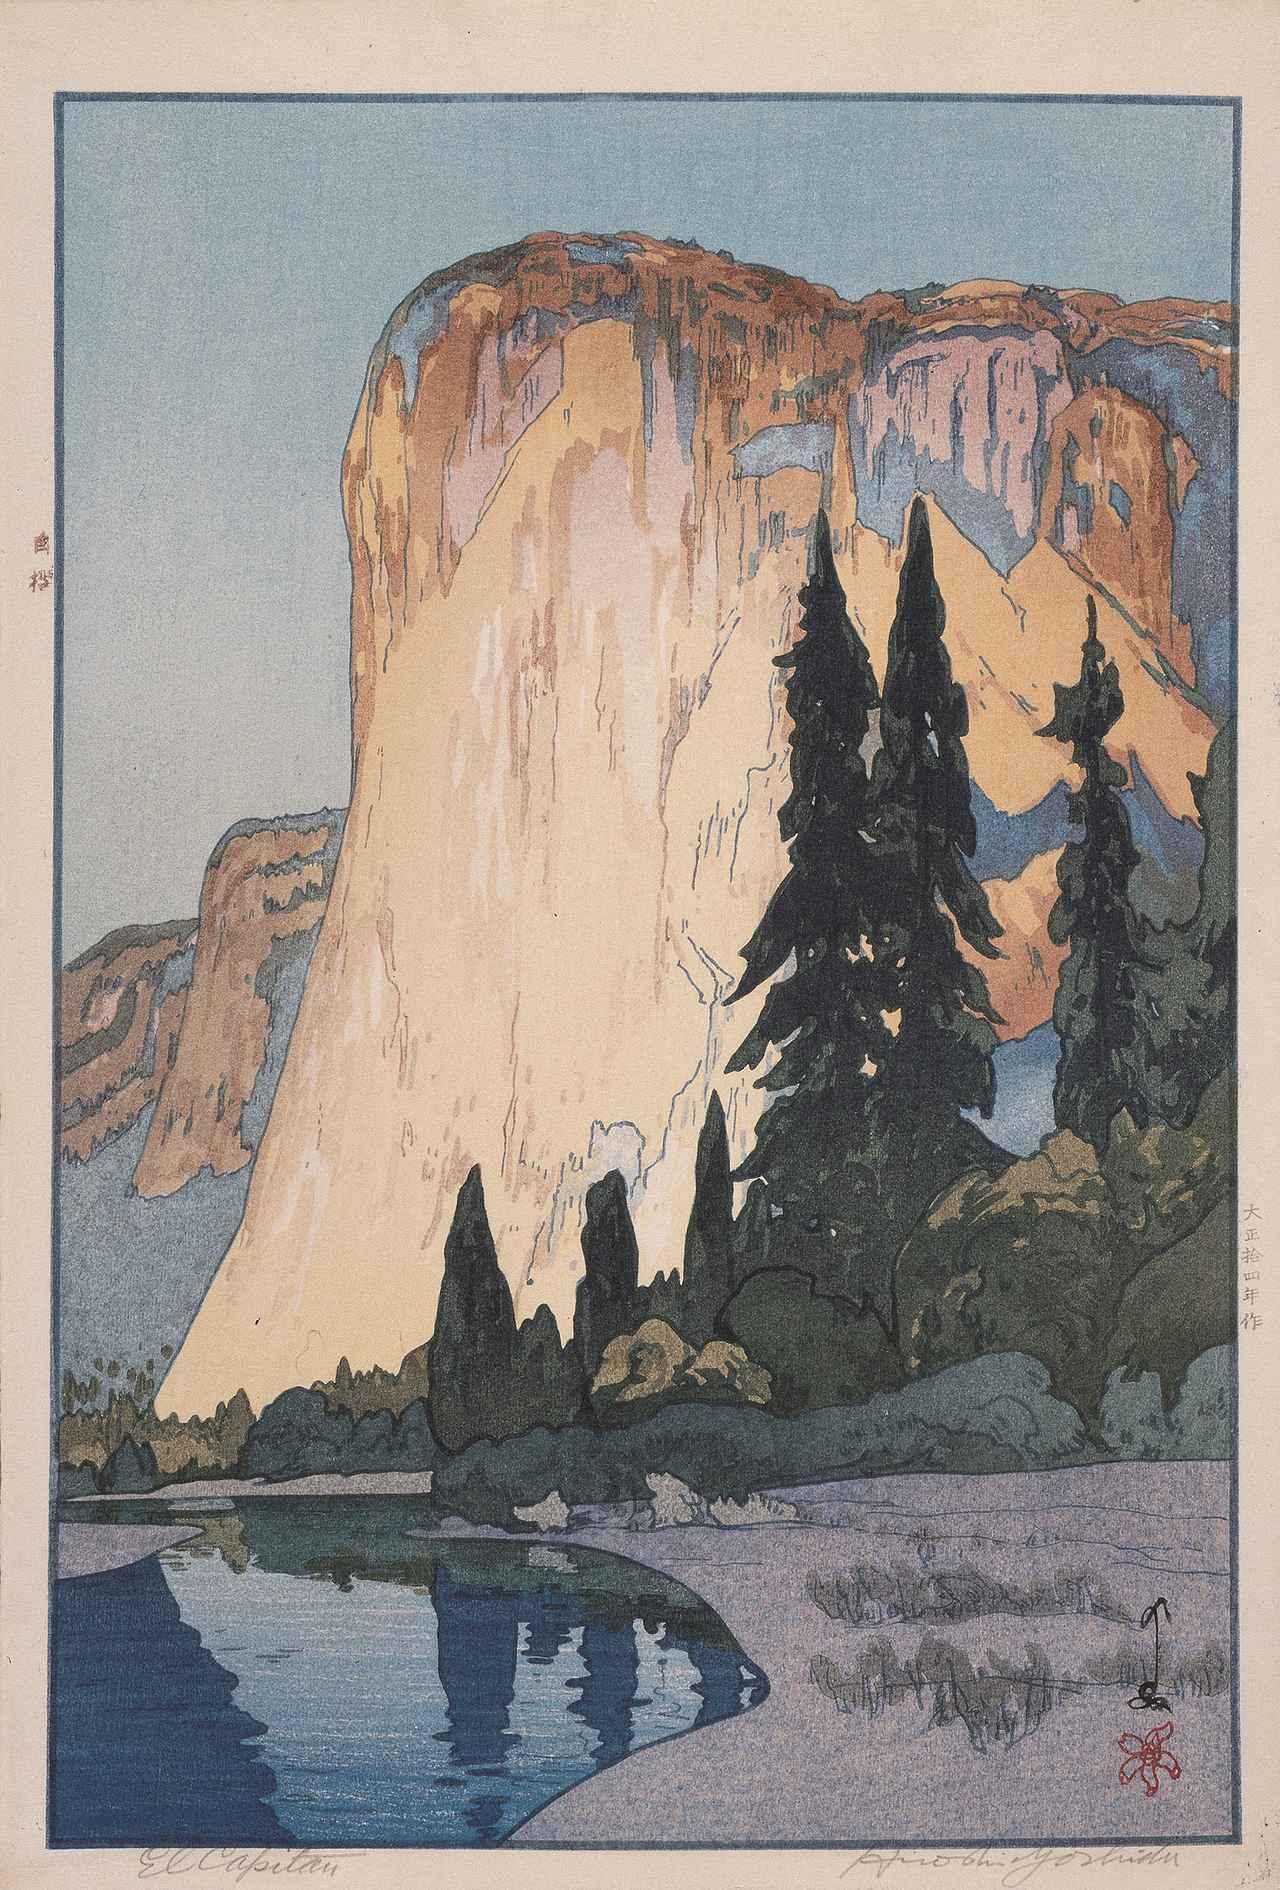 画像: 《米国シリーズ エル・キャピタン》 大正14(1925)年 木版、紙 37.4×25.0cm